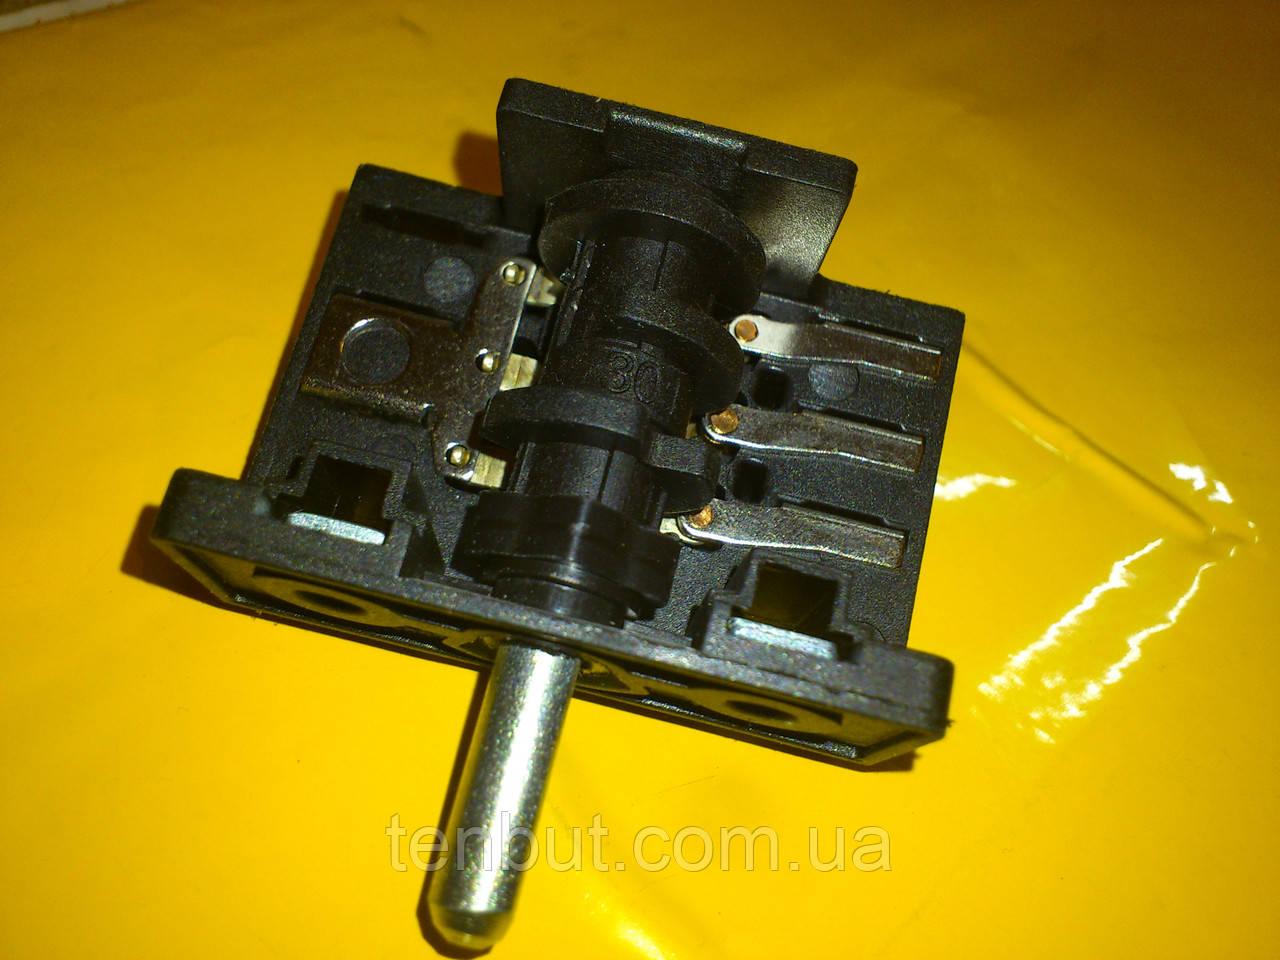 Переключатель для электродуховок АС 301 клемы вниз производство Турция